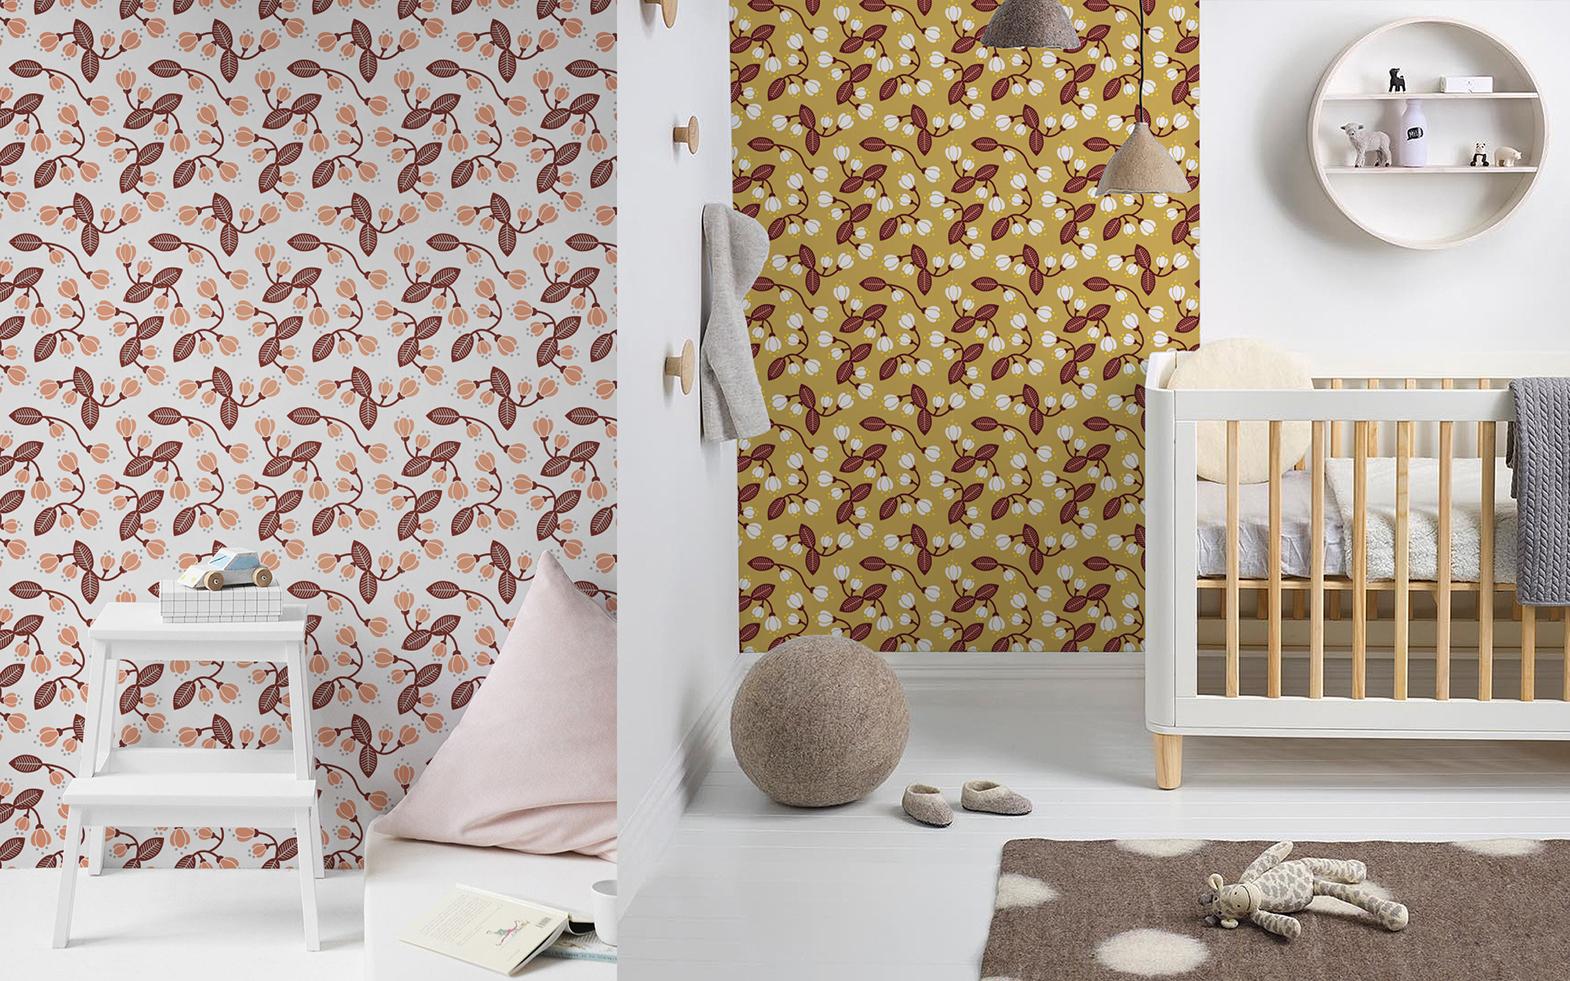 papier peint fleurs cerisier du japon pour chambre fille par E-Glue design